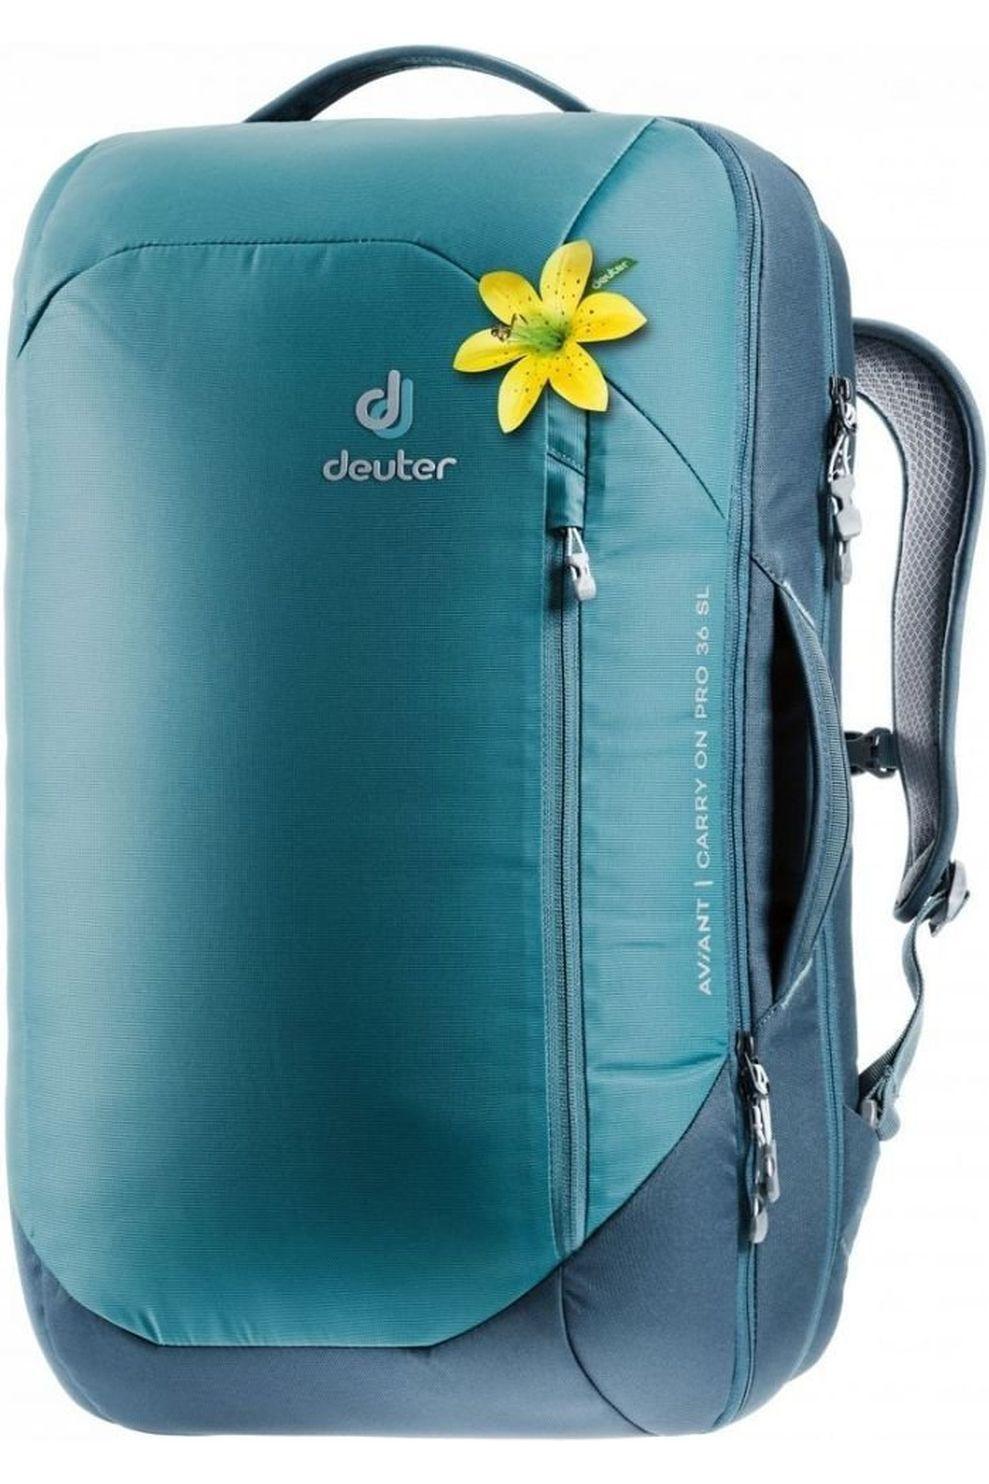 Deuter Tourpack Aviant Carry On Pro 36 Sl voor dames - Blauw